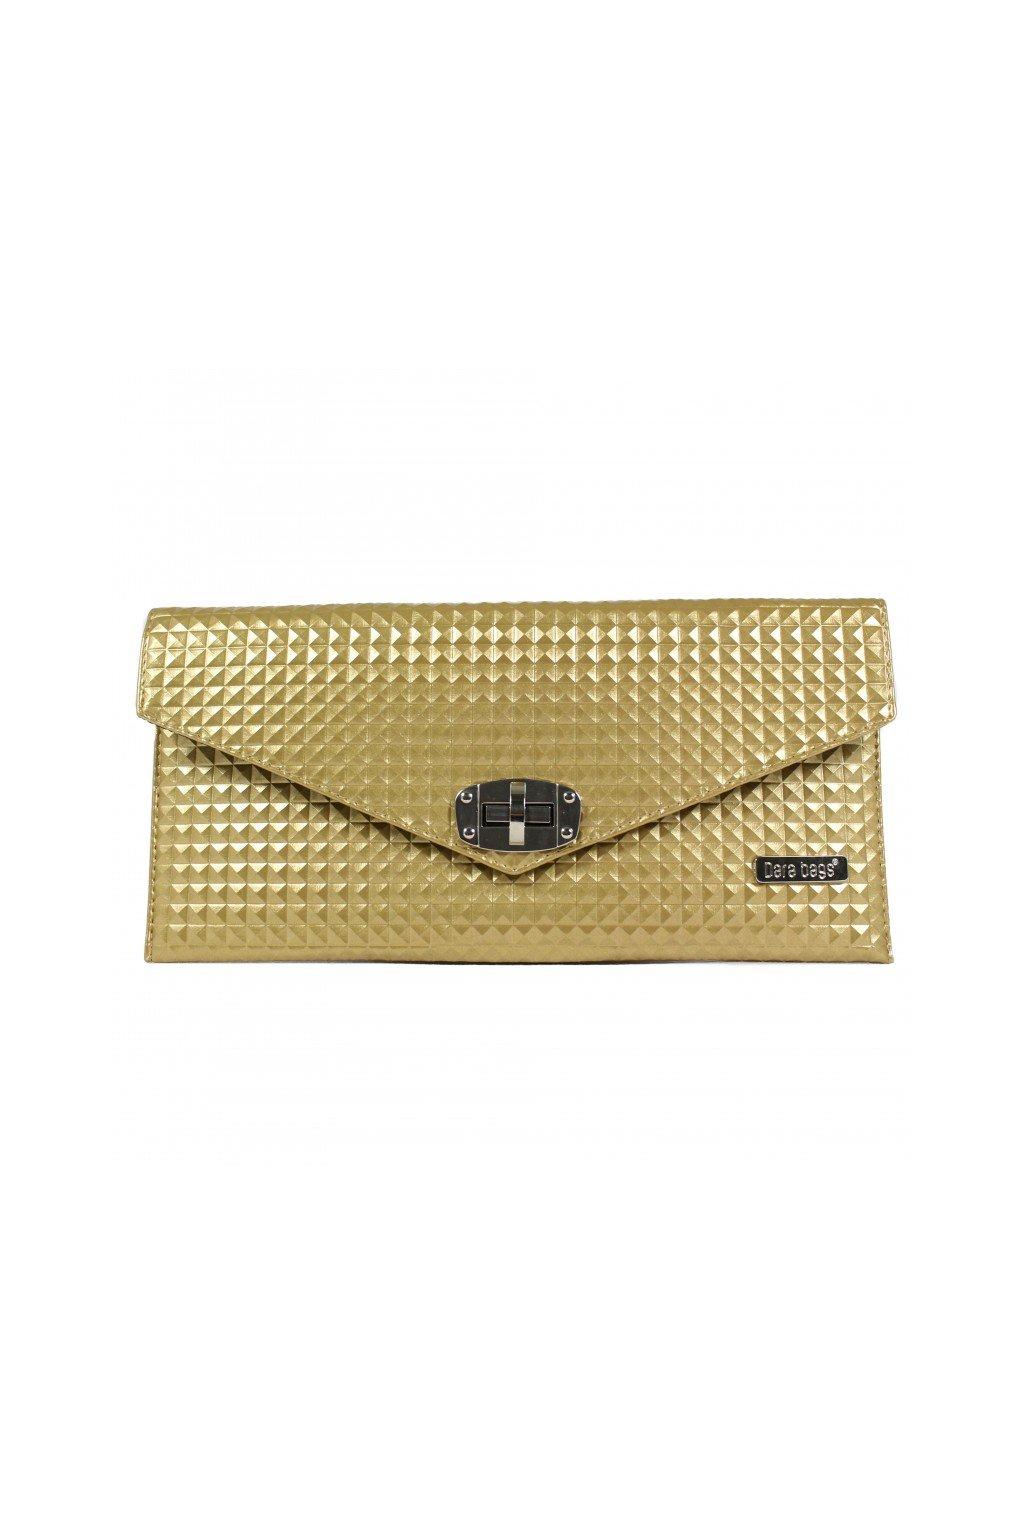 Mala kabelka Malibu Classy zlata 1